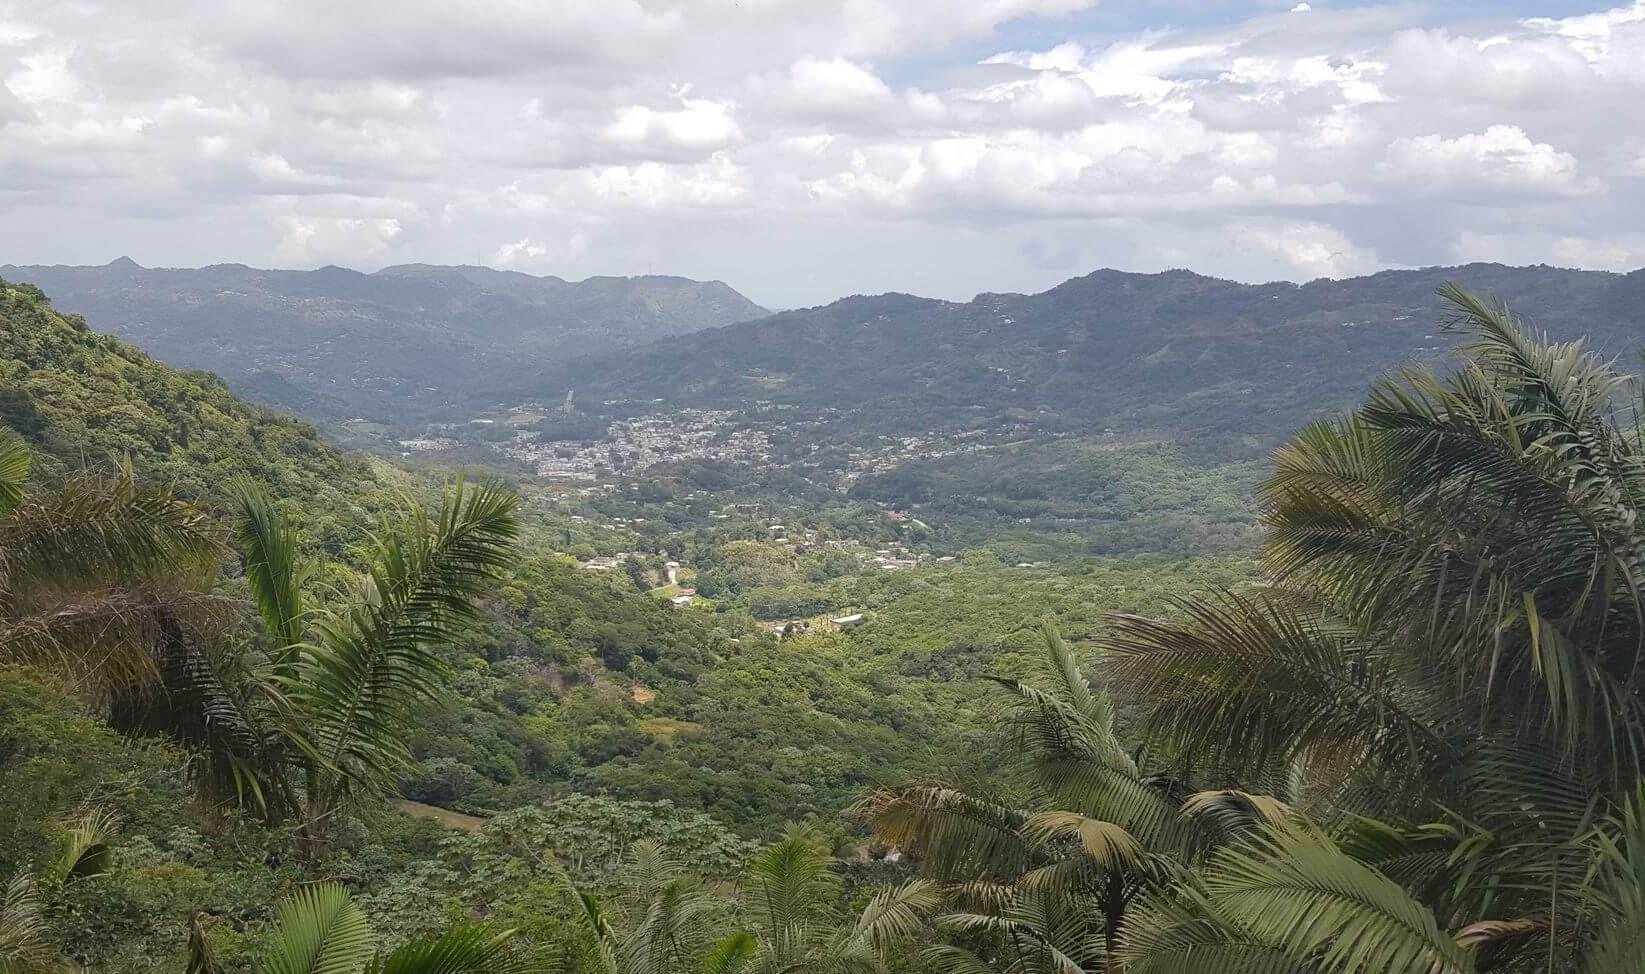 Suministrada por Bosque Modelo de Puerto Rico (Facebook).